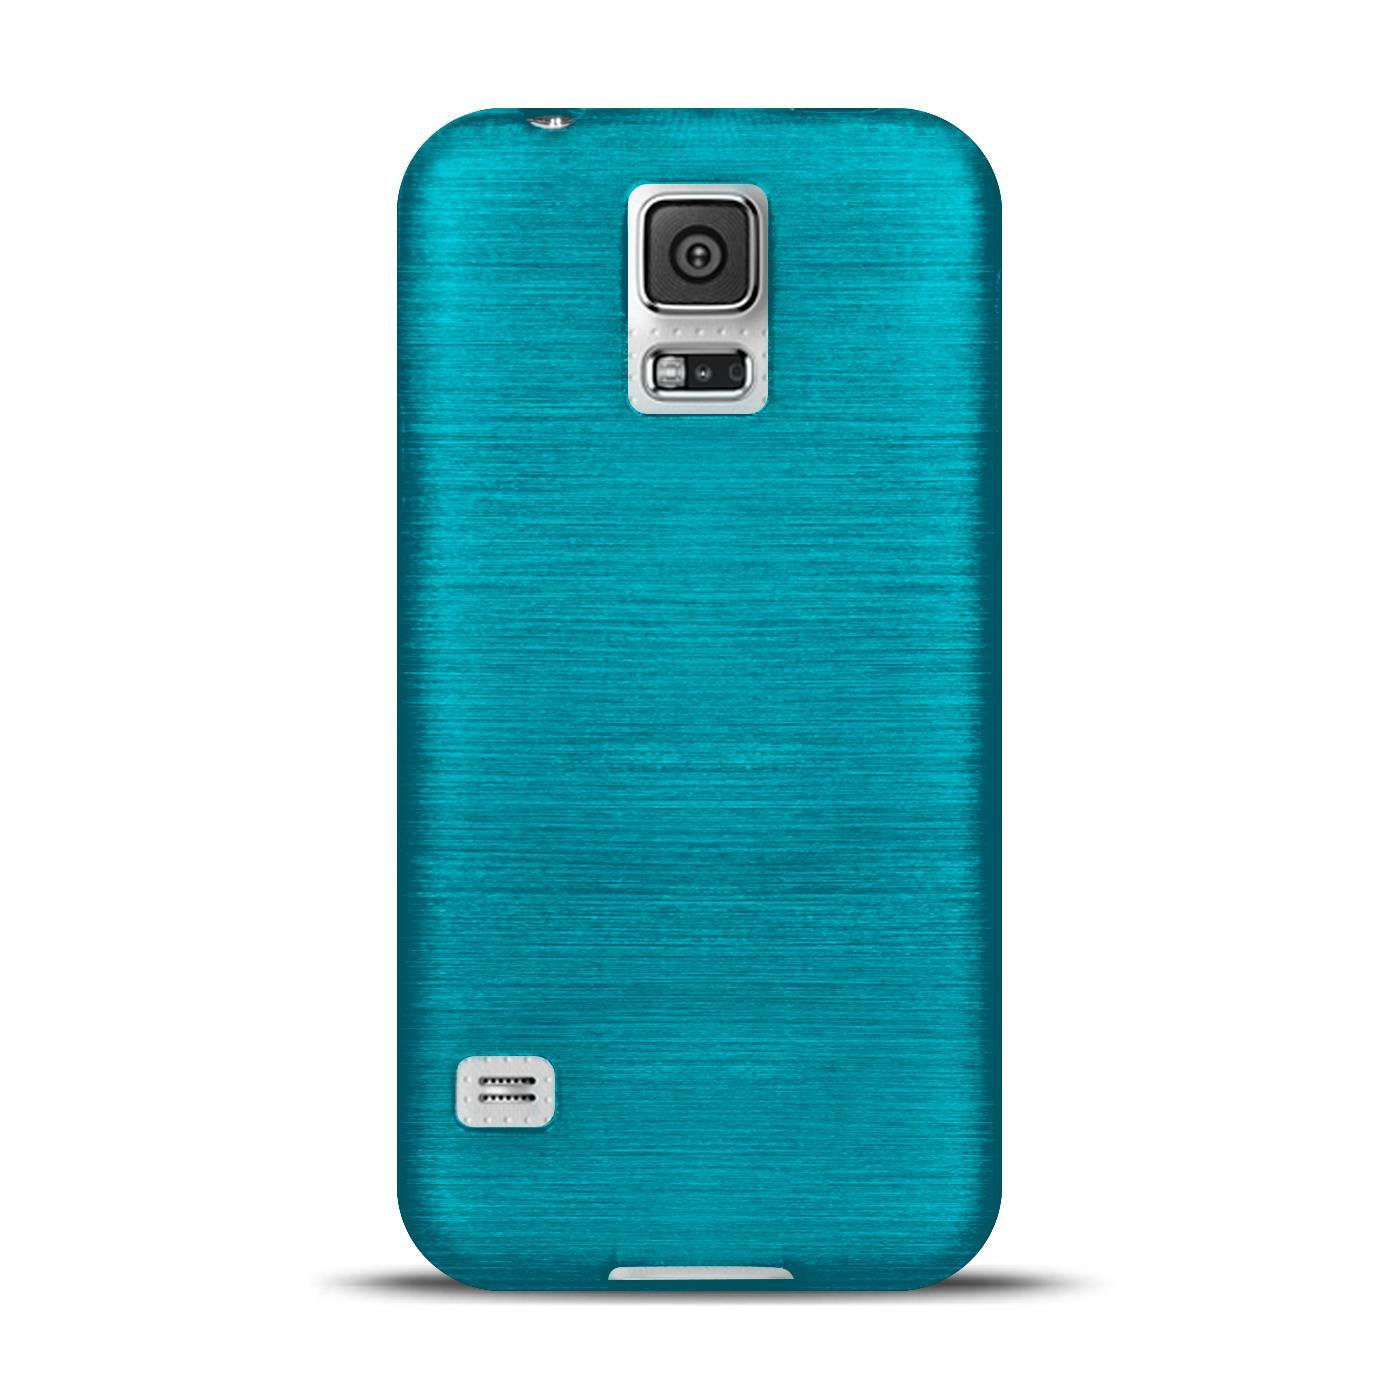 Silikon-Bumper-Case-Samsung-Galaxy-s5-Neo-duenne-ultra-slim-Stossfeste-Rueckschale Indexbild 10